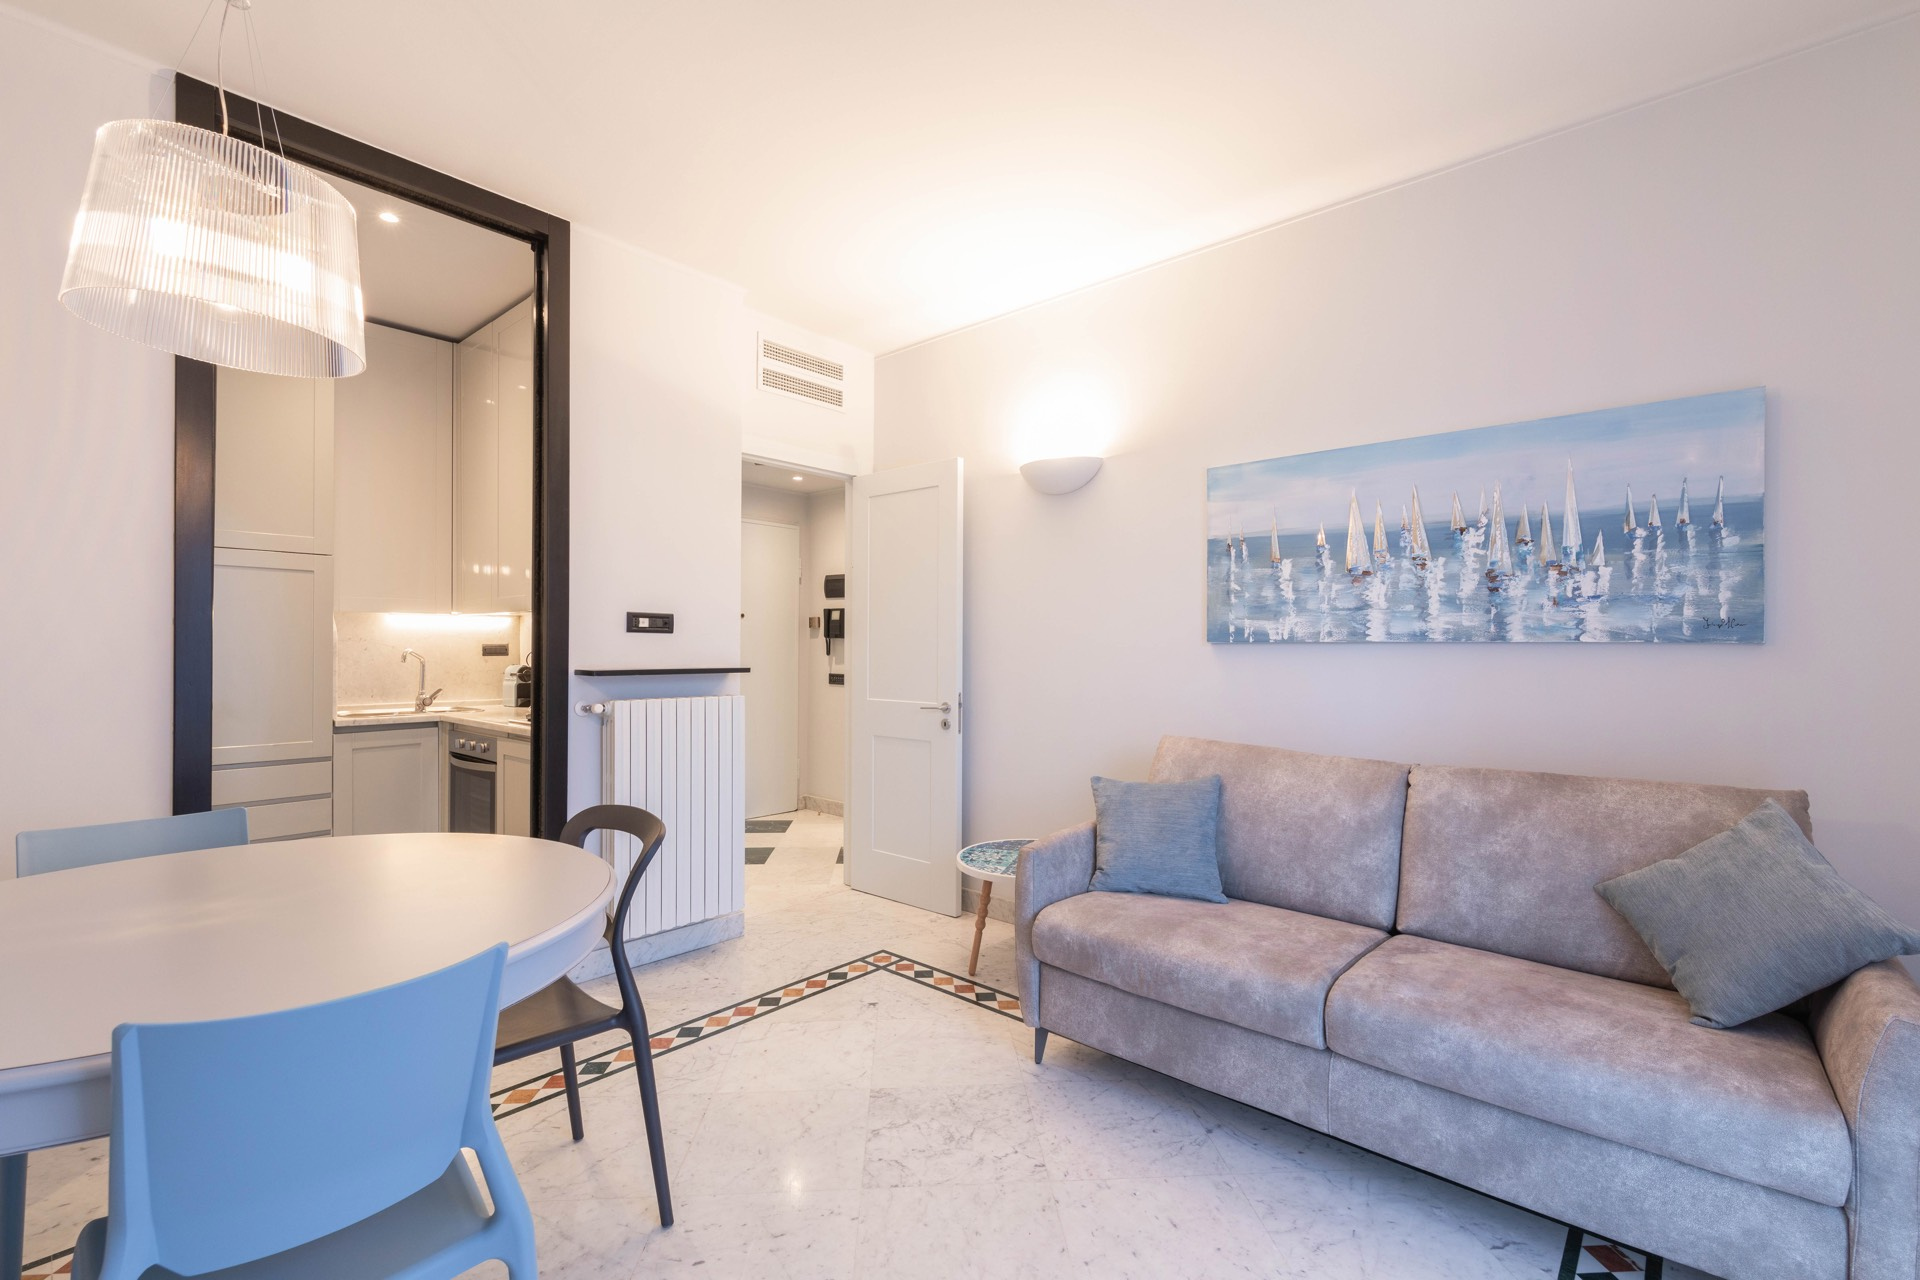 Appartamento in affitto a Alassio, 2 locali, Trattative riservate | PortaleAgenzieImmobiliari.it